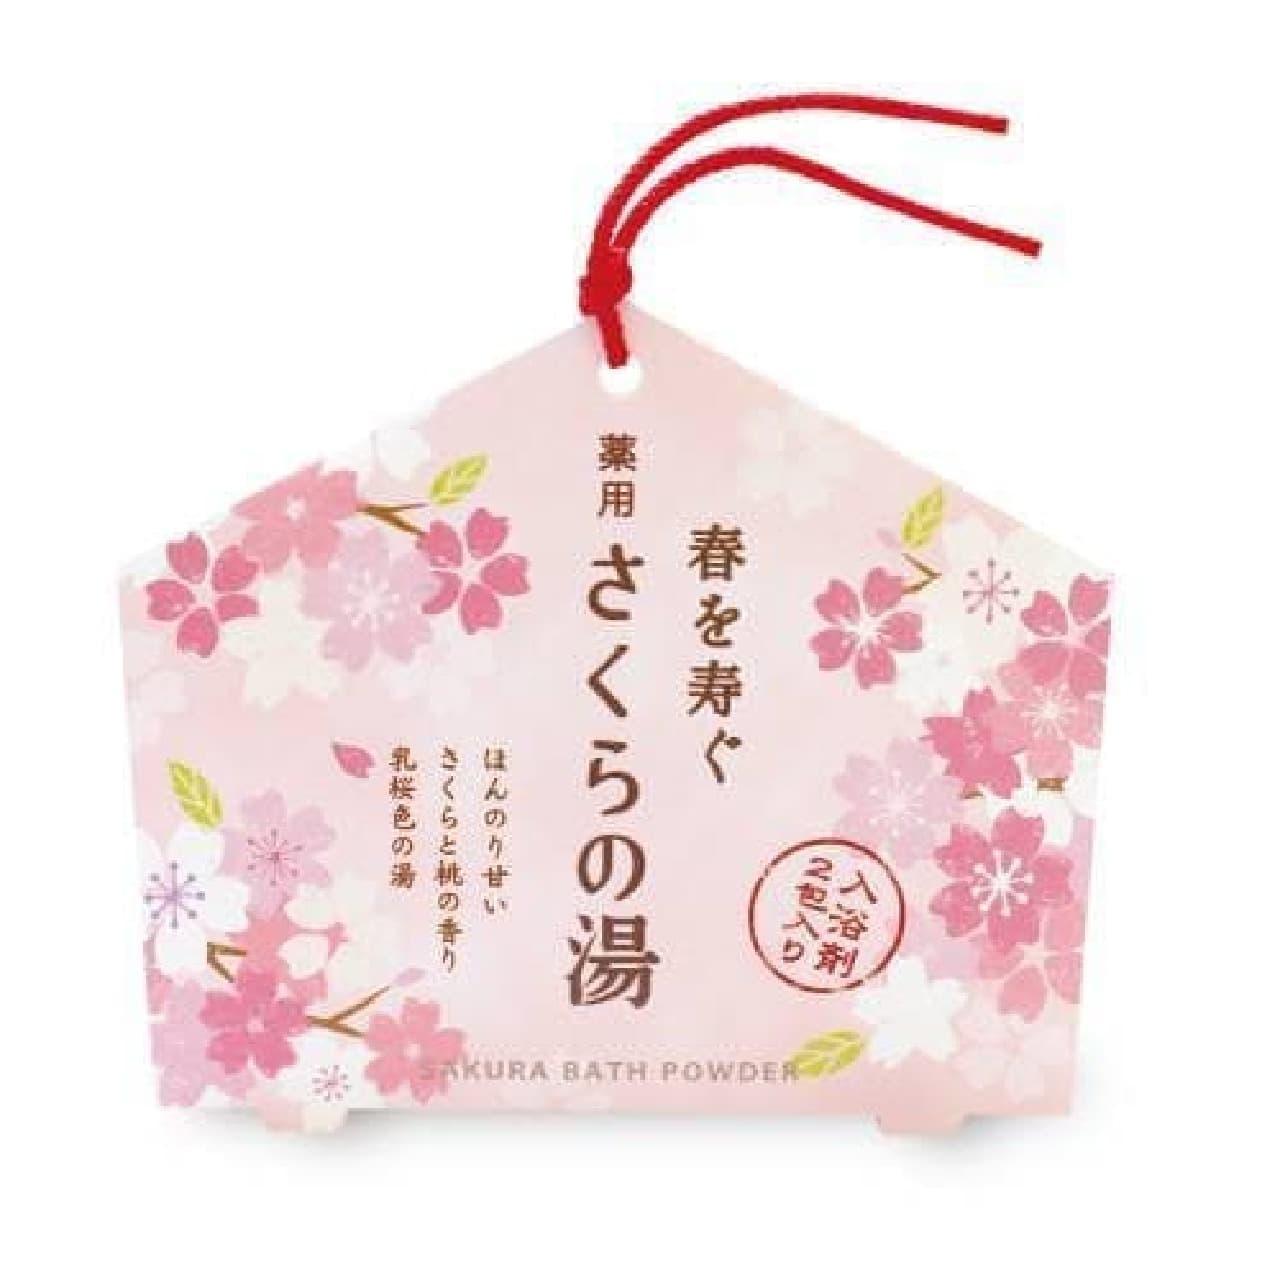 桜をあしらったボディケア用品や文具など